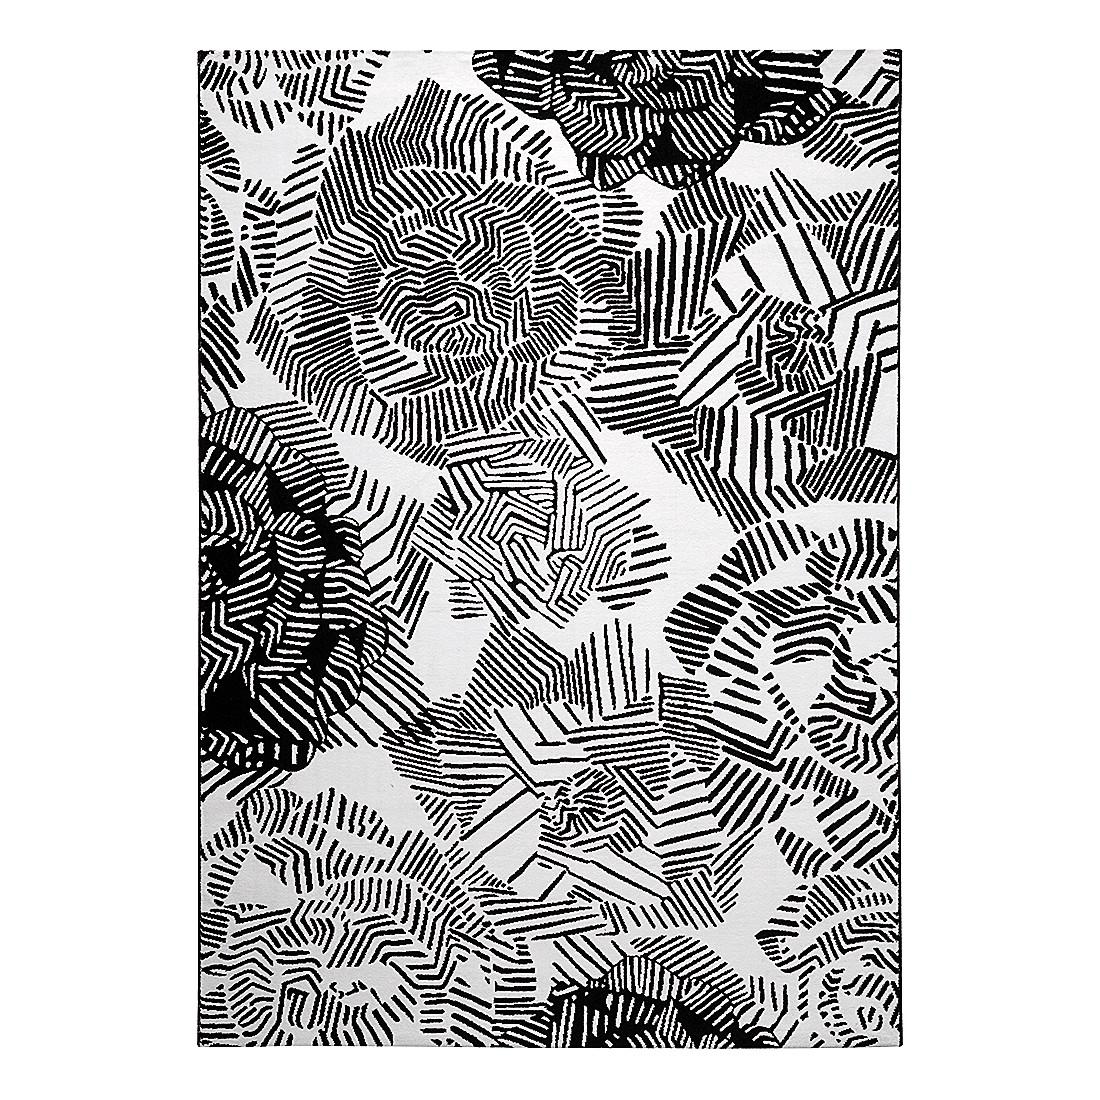 Teppich Rosia - Kunstfaser - Schwarz / Weiß - 160 x 225 cm, Esprit Home